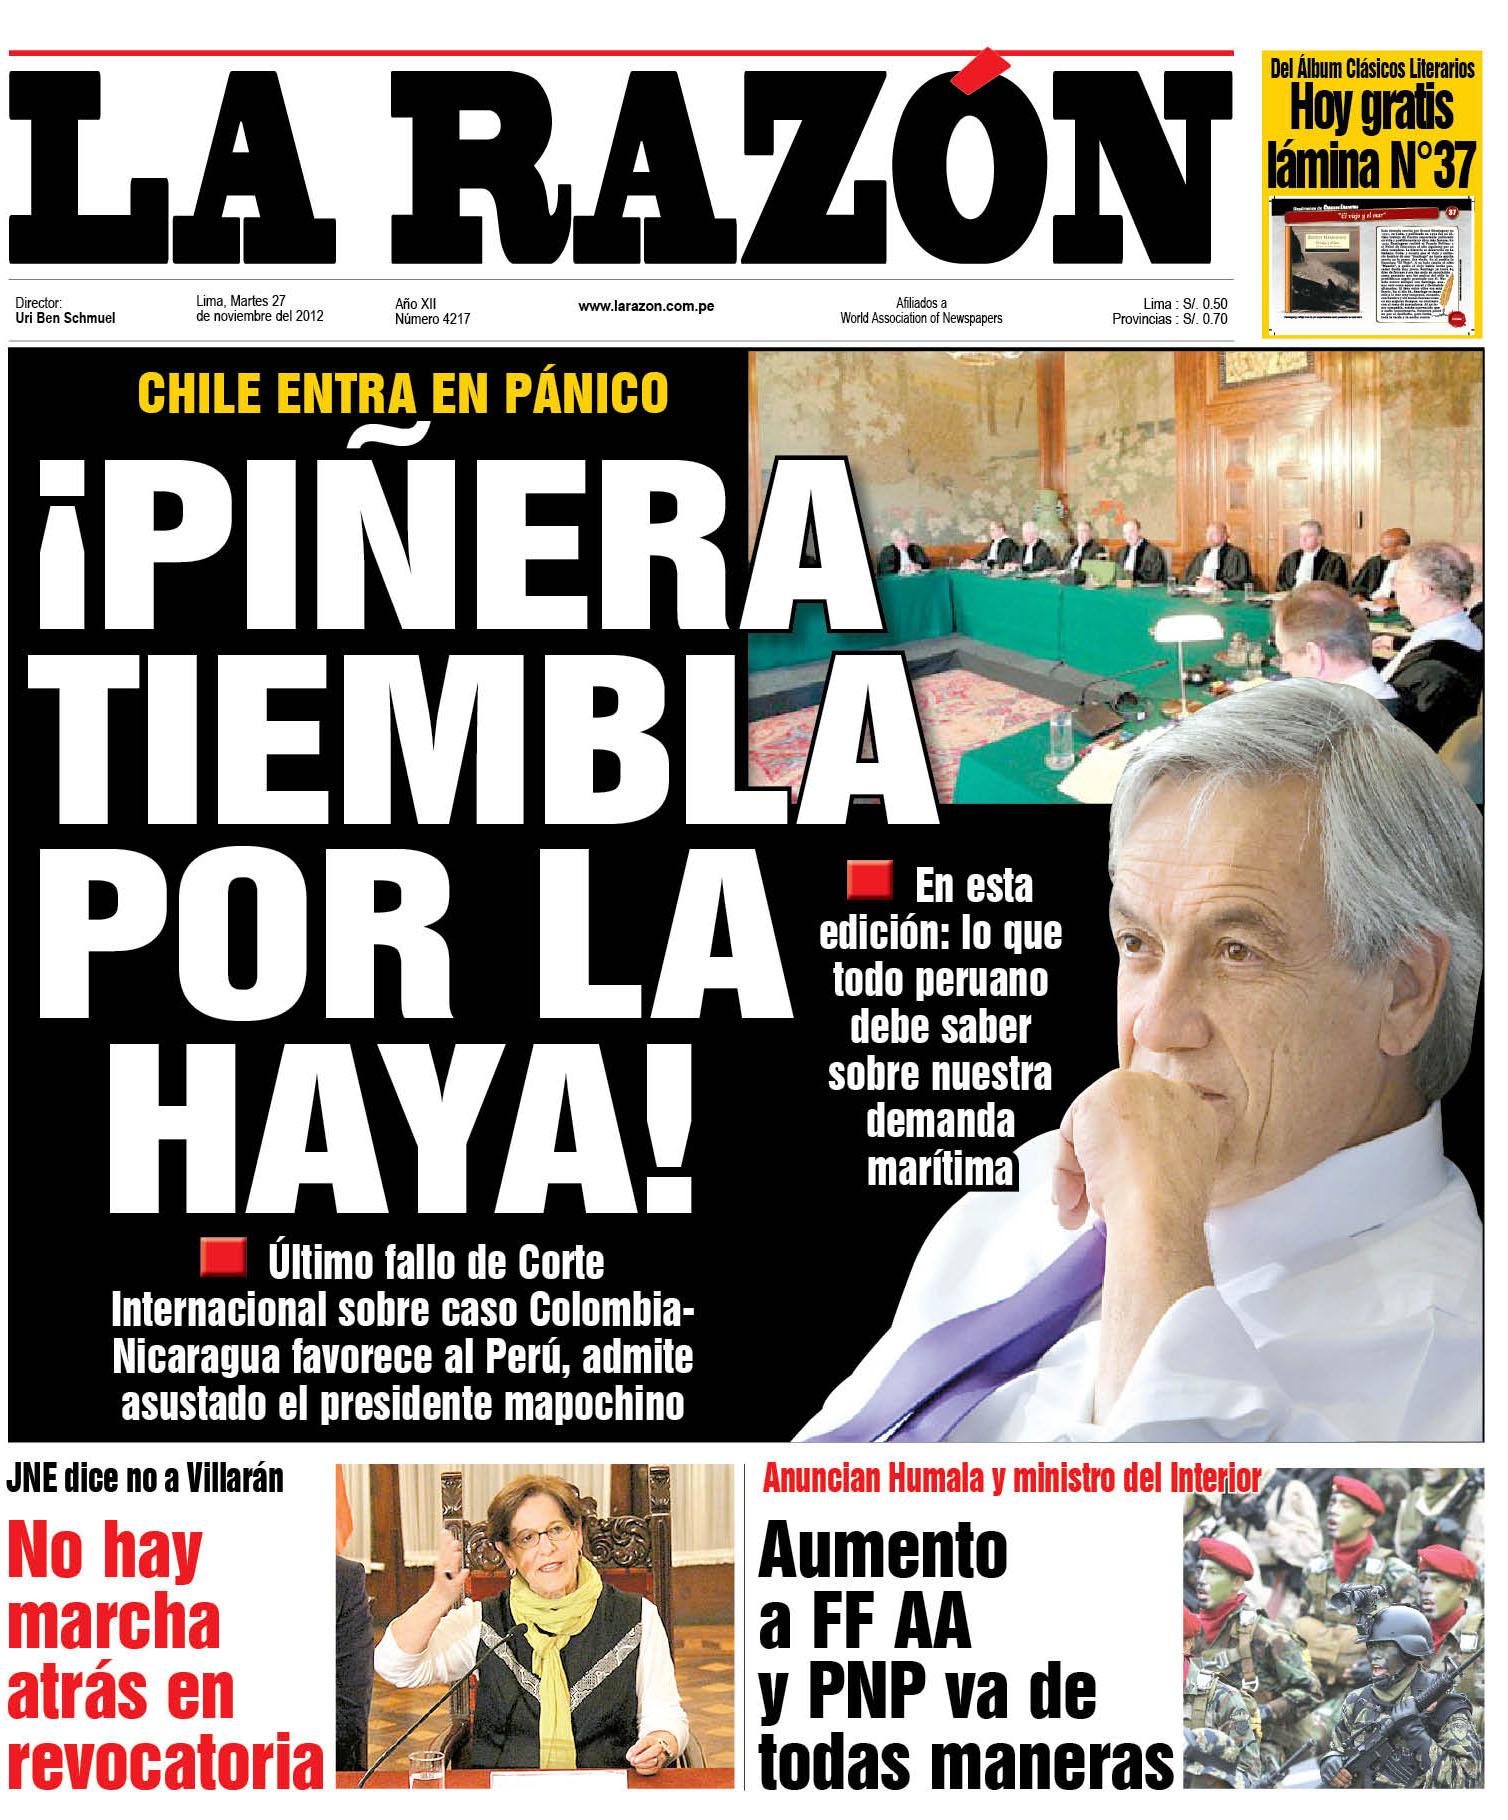 la prensa peru: